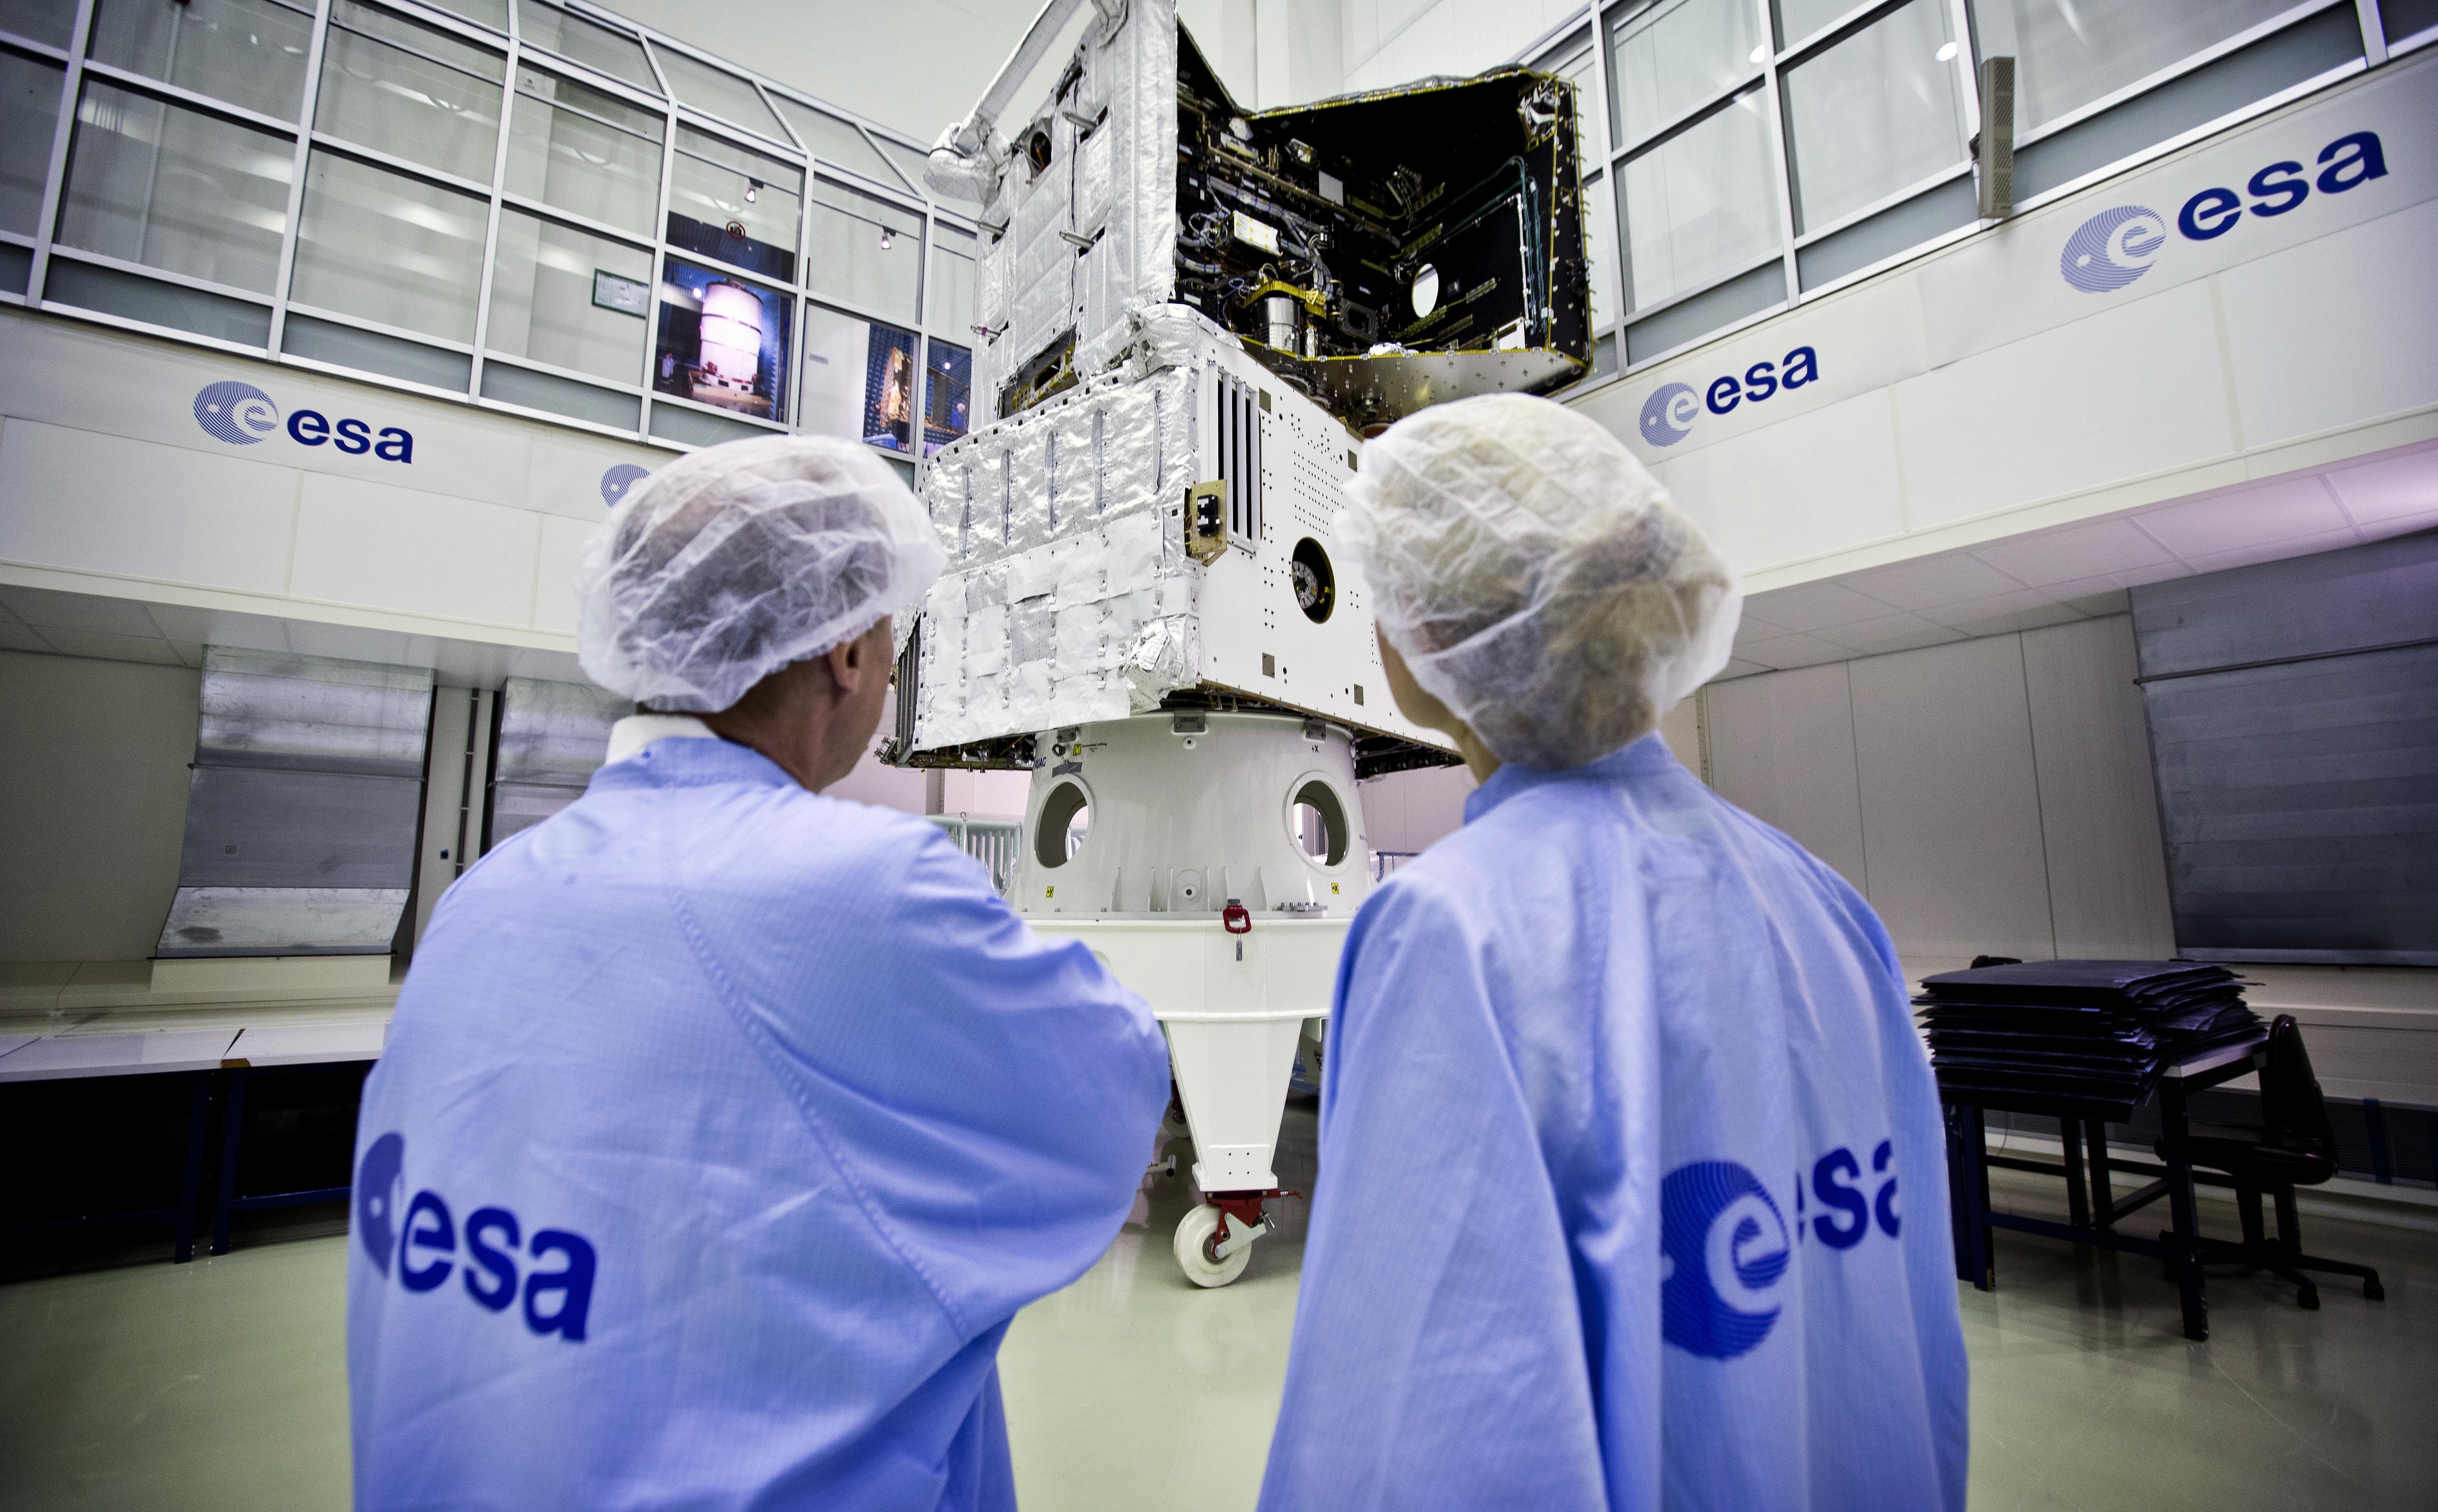 Bli trainee hos den europeiska rymdorganisationen Esa